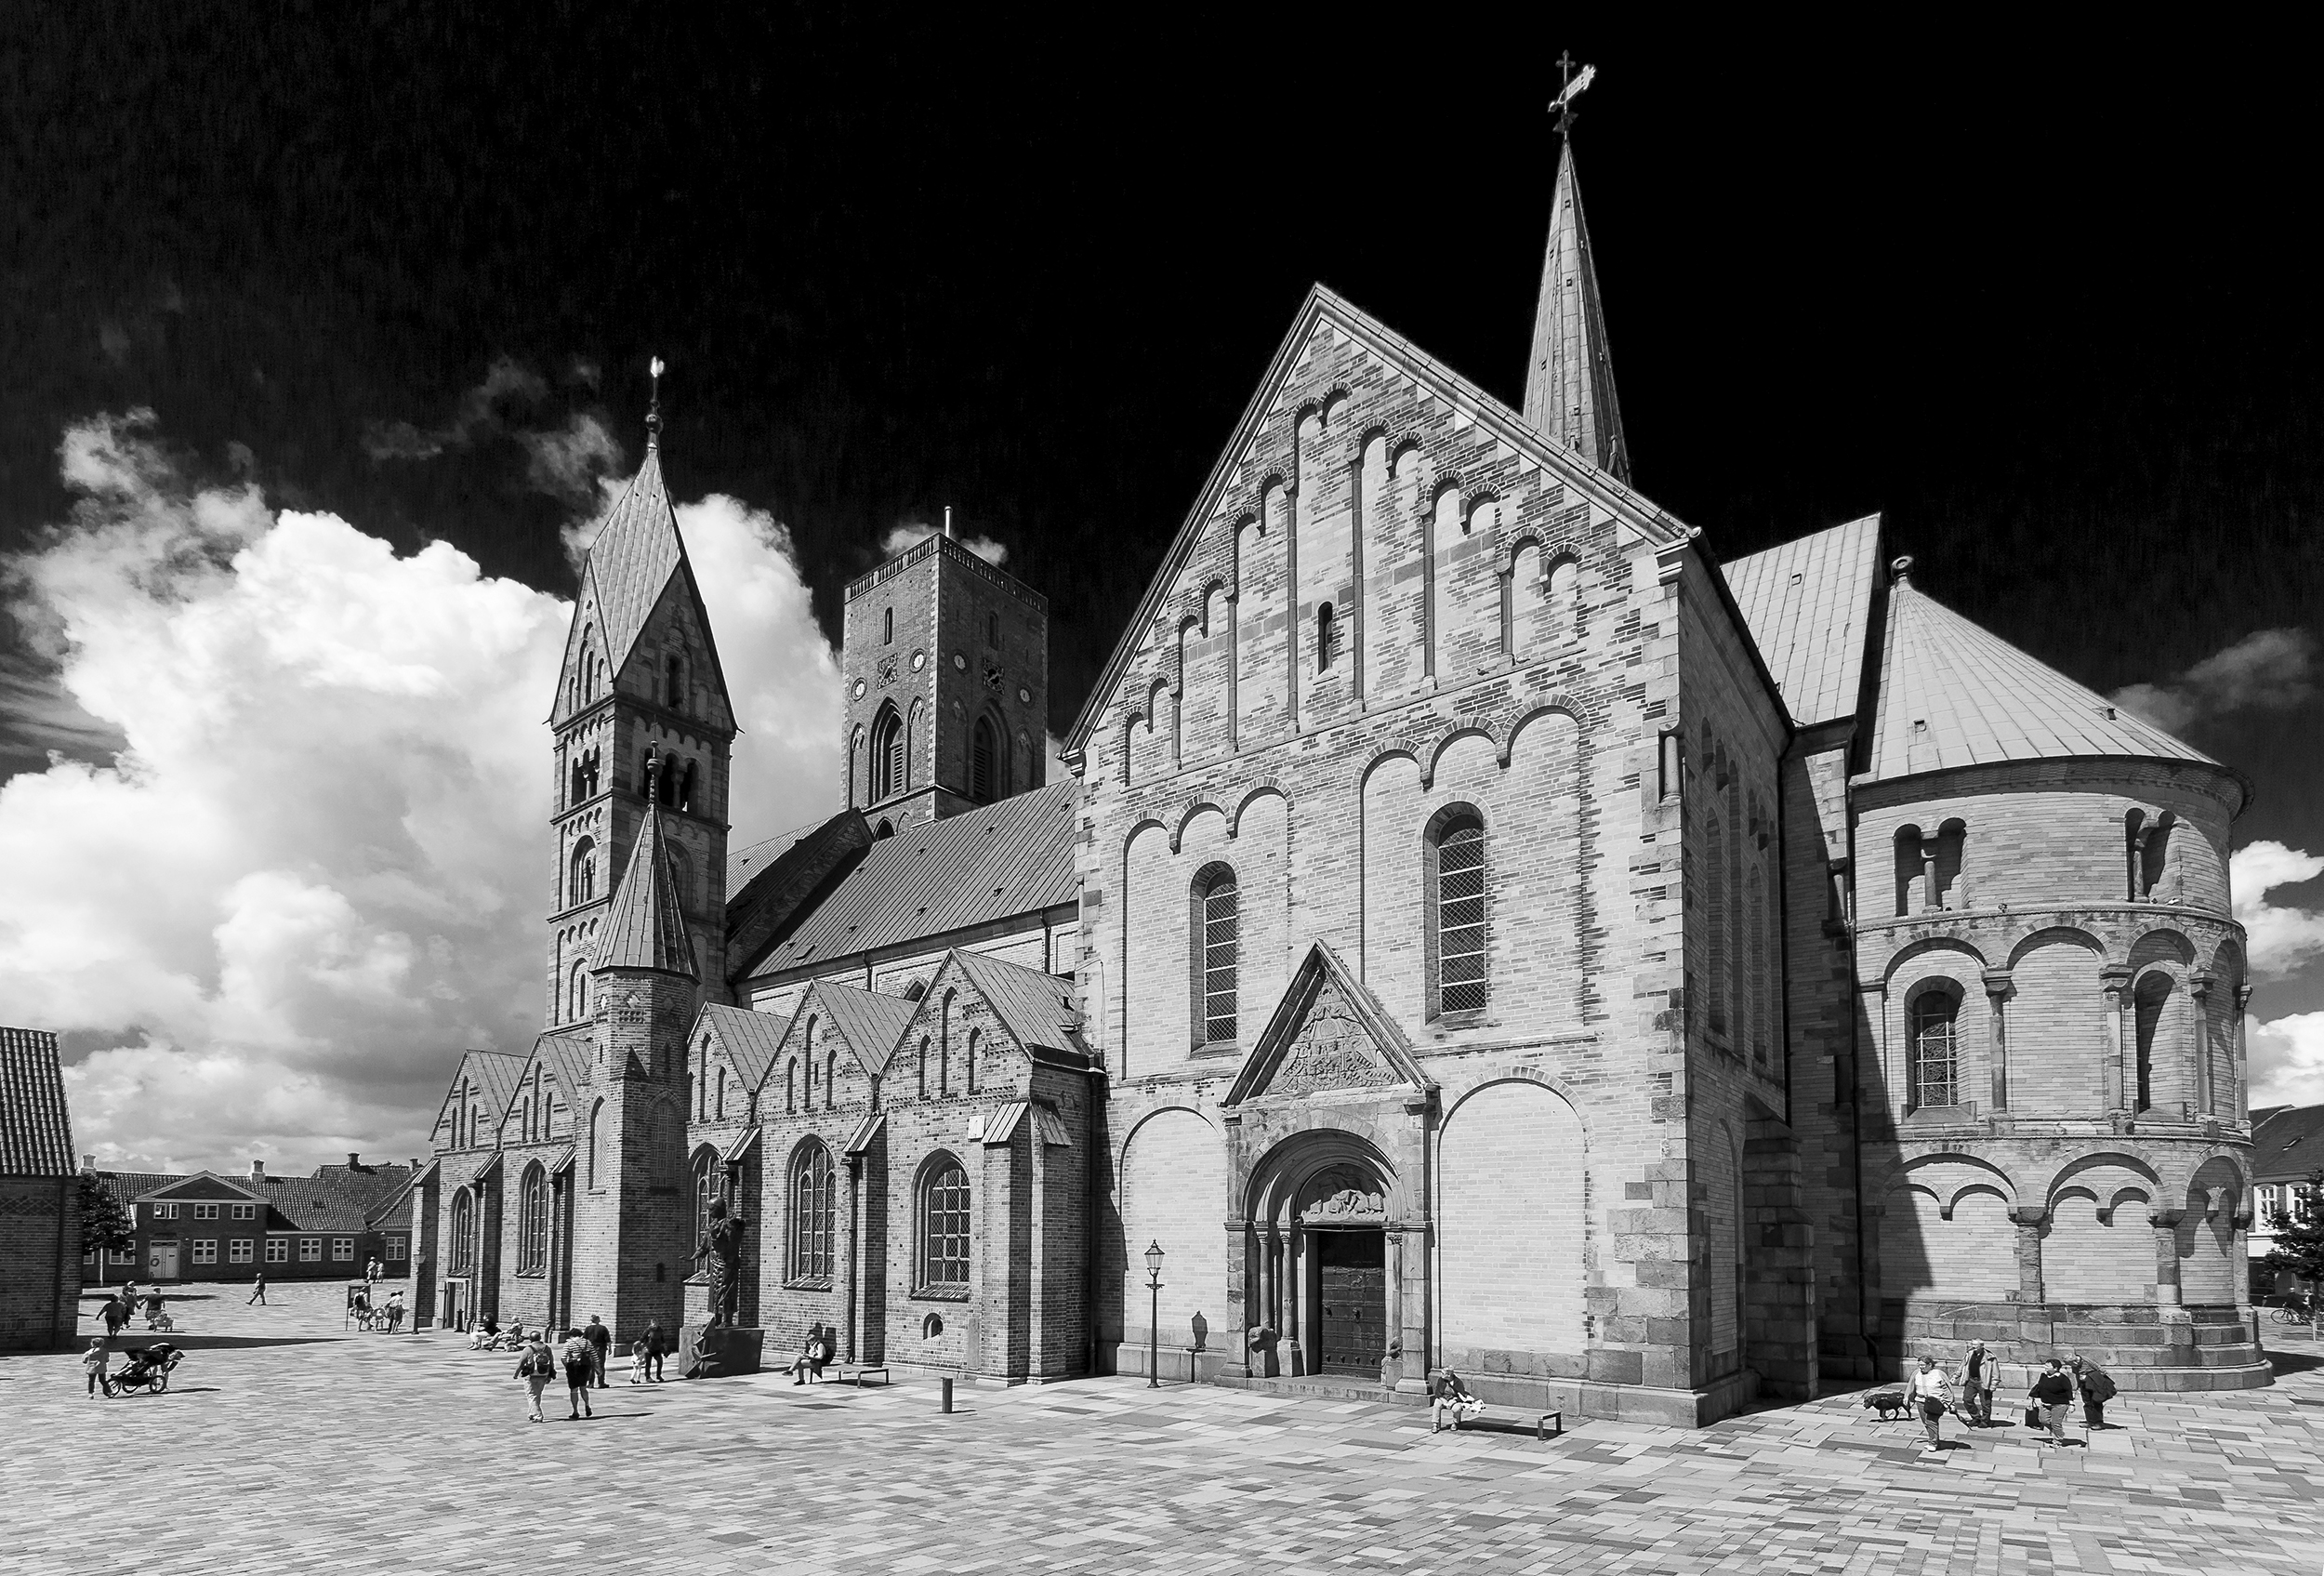 Domkirche in Ribe / Dänemark